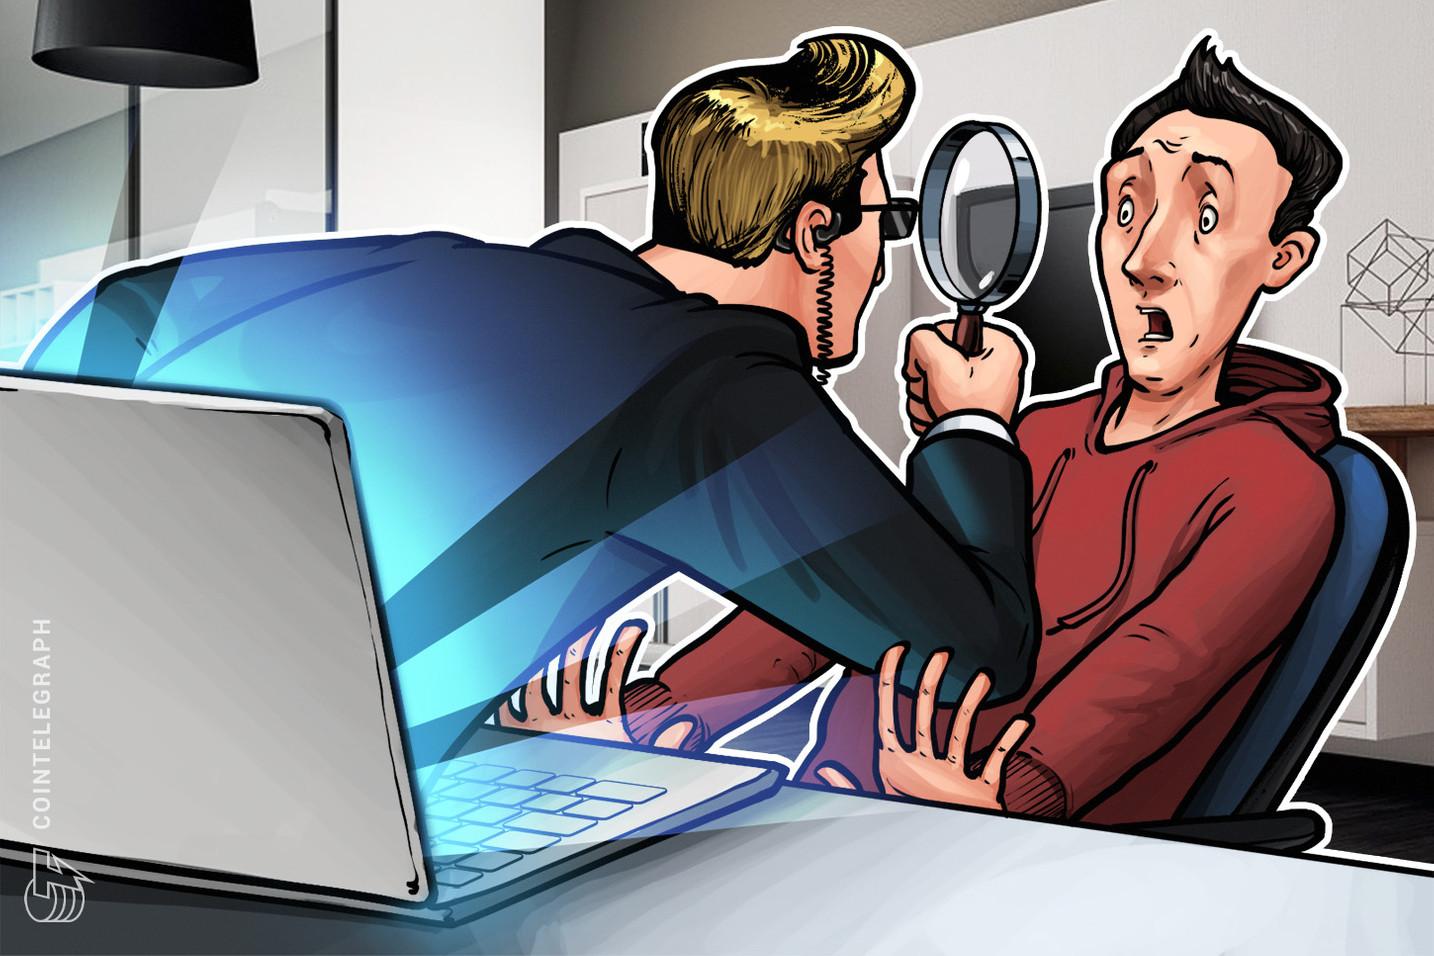 خبراء المجال: قوانين الخصوصية في الاتحاد الأوروبي تساعد ولا تعيق فيسبوك وغوغل في حرب البيانات